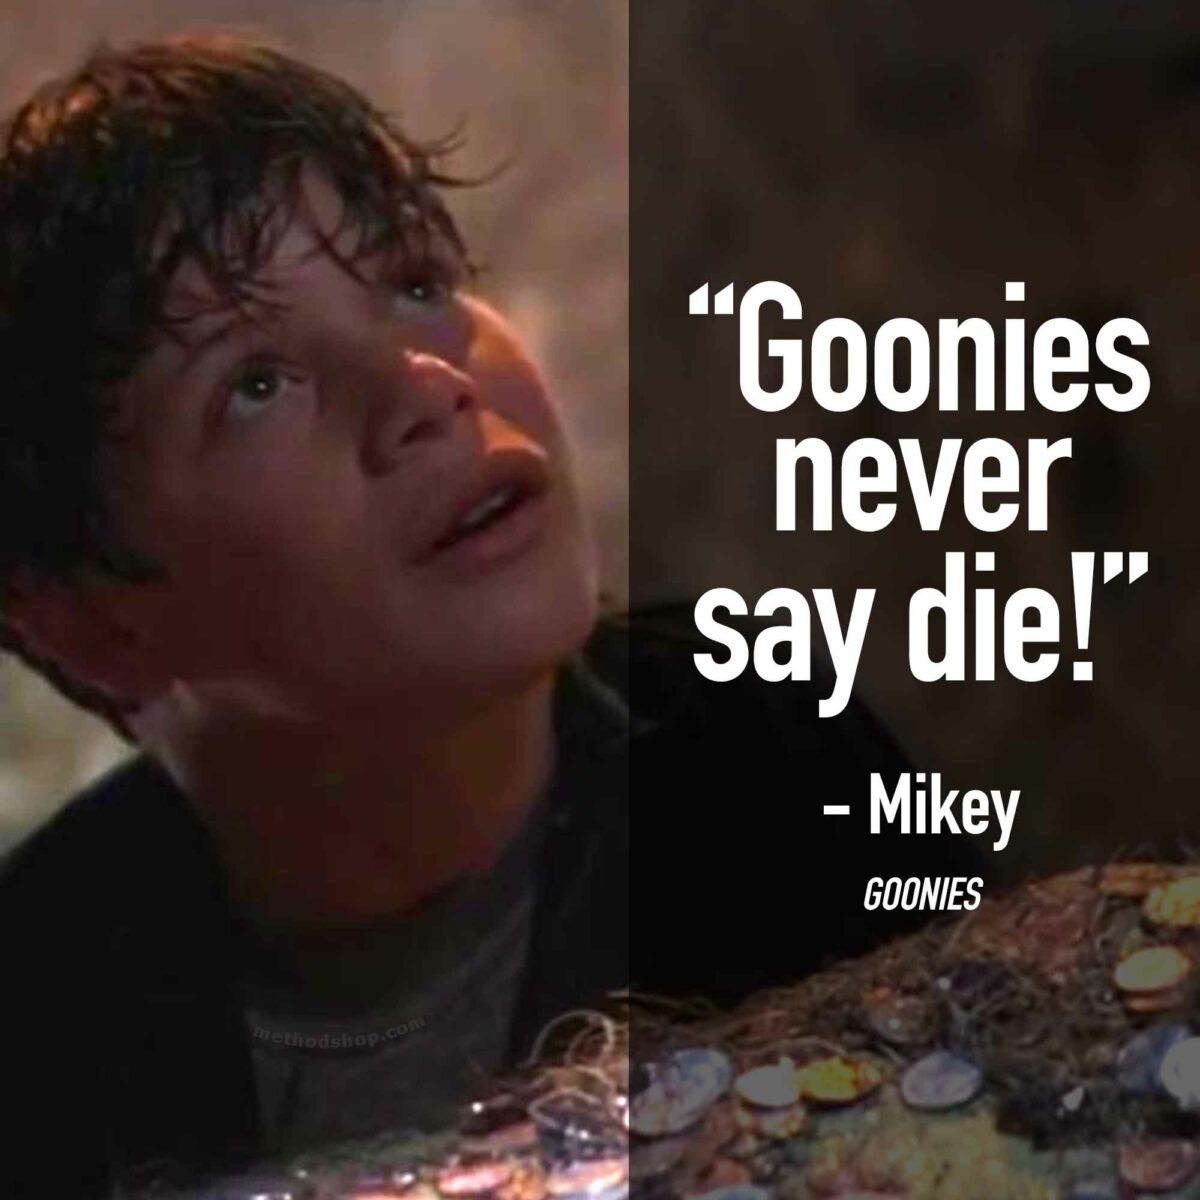 The Goonies Never Say Die - Best Goonies Quotes